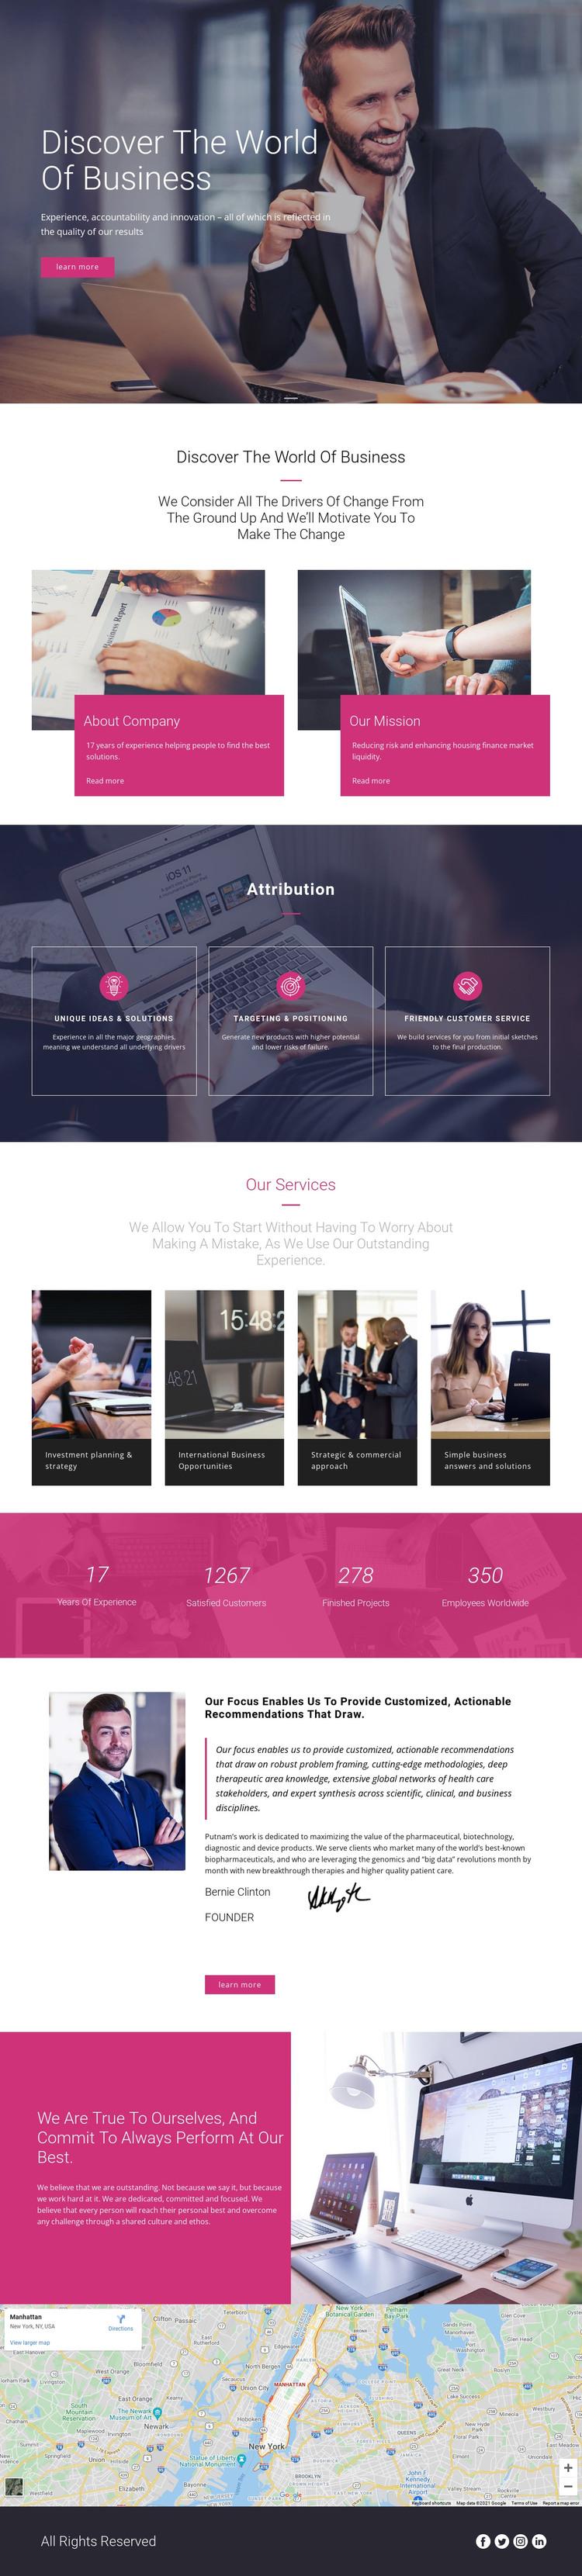 The largest management consultancy Web Design